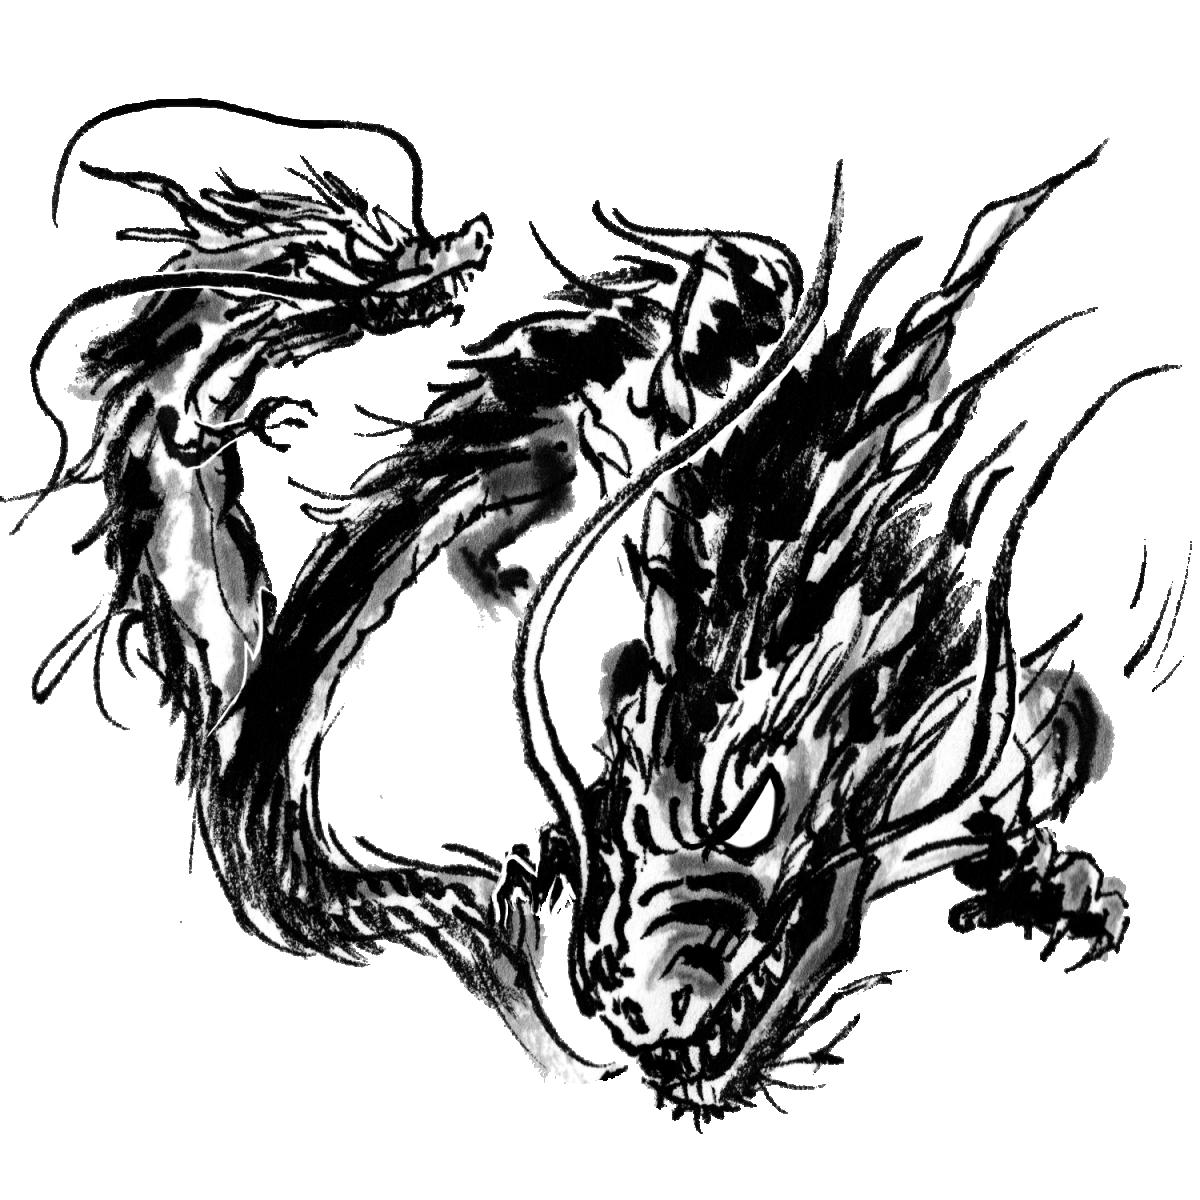 二匹の龍のイラスト Two Dragons  Illustration